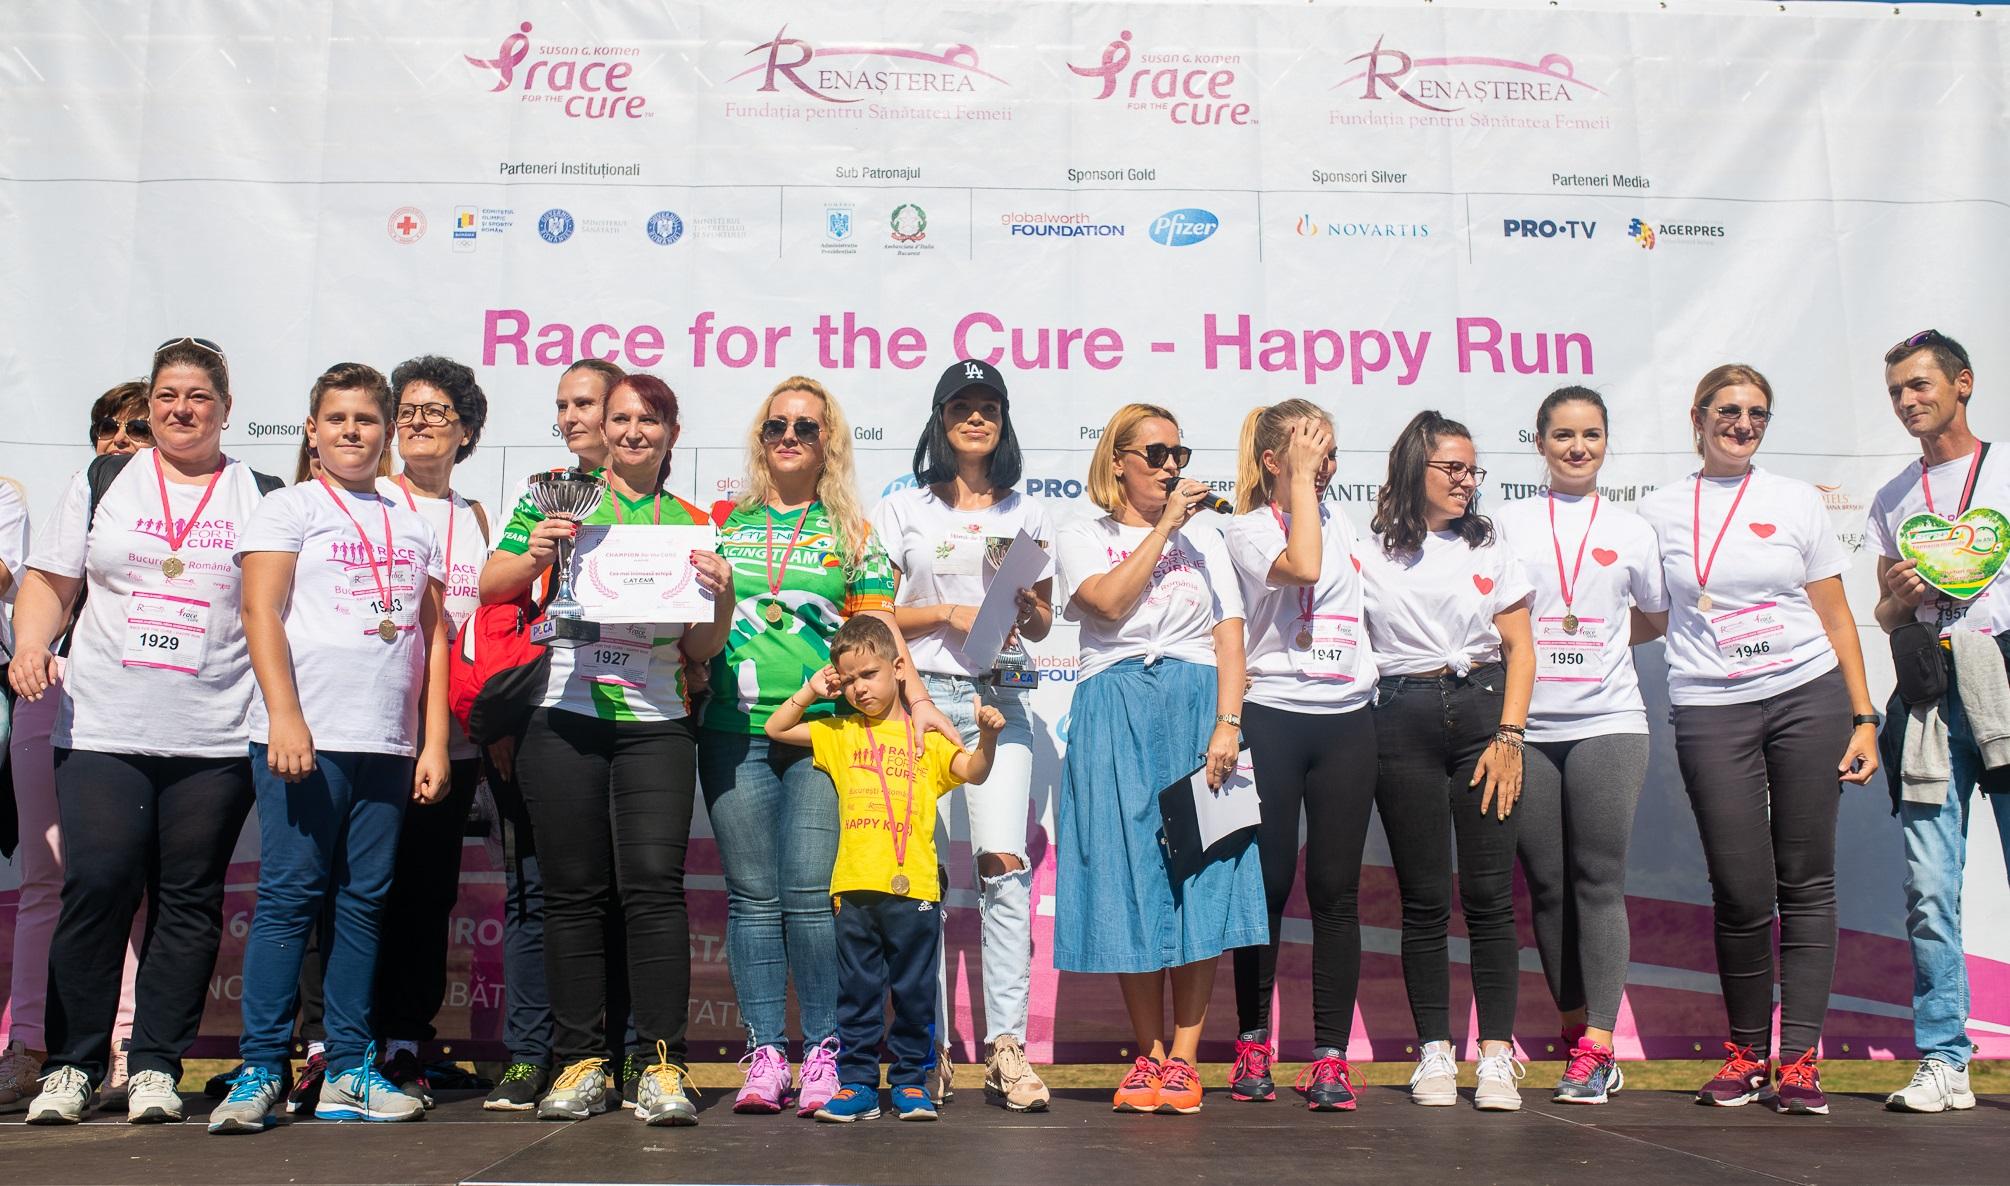 """Catena, din nou """"Cea mai inimoasă echipă"""" la Happy Run – Race for the Cure România"""